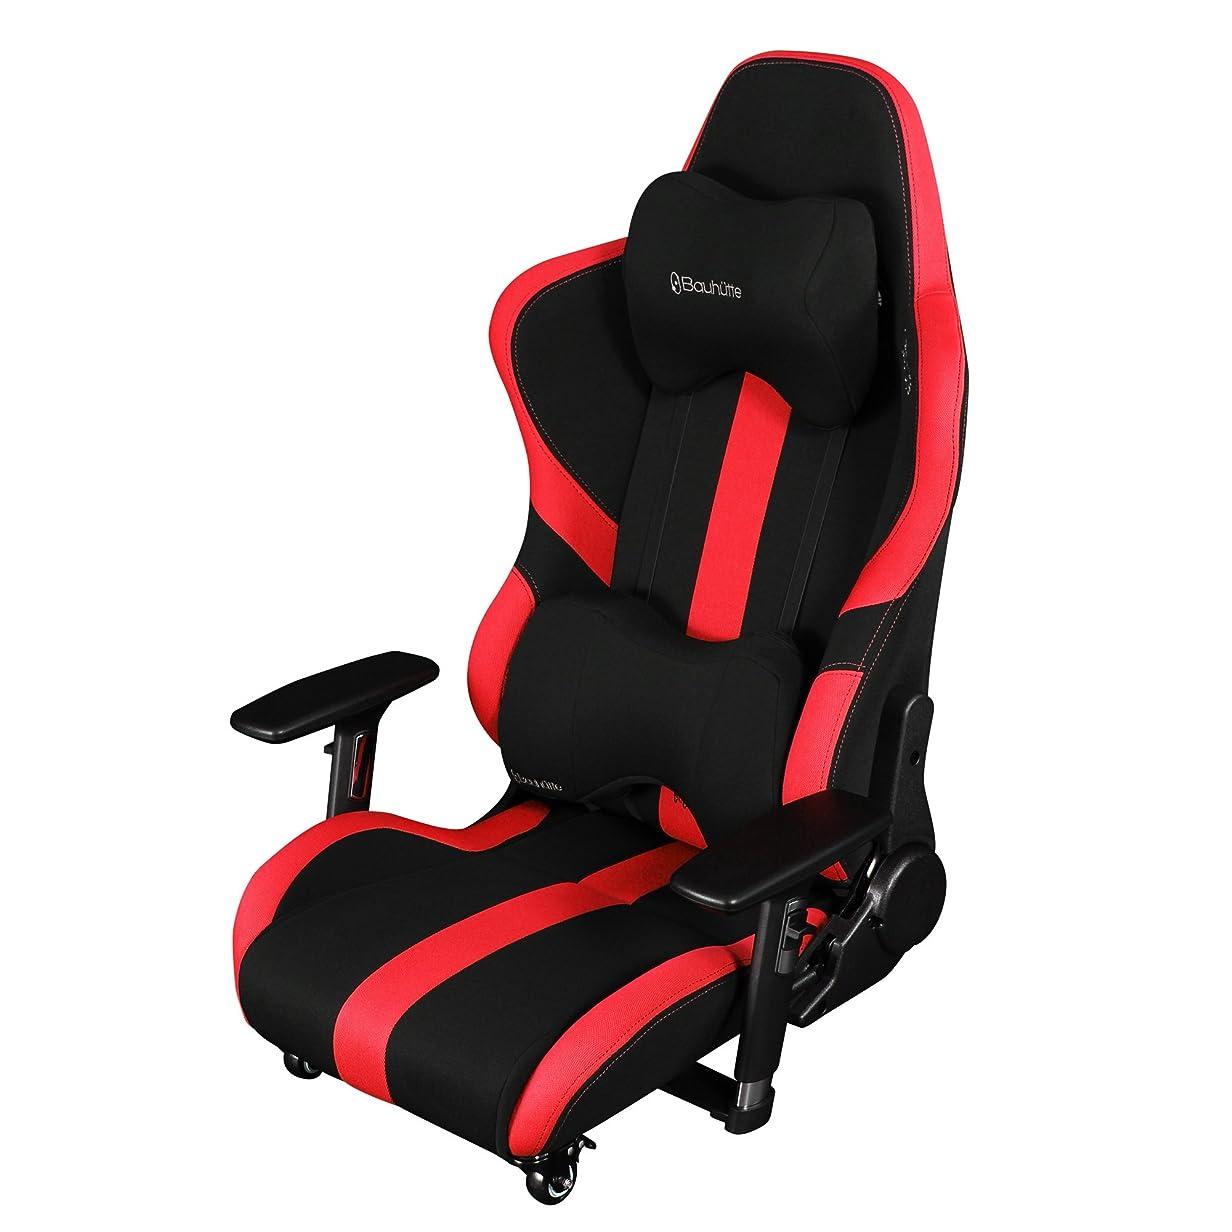 逆さまに床を掃除する怒っているBauhutte (バウヒュッテ) ゲーミングチェア プロシリーズ ゲーミング座椅子 リクライニング 4D稼働アームレスト採用 LOC-950RR-RD